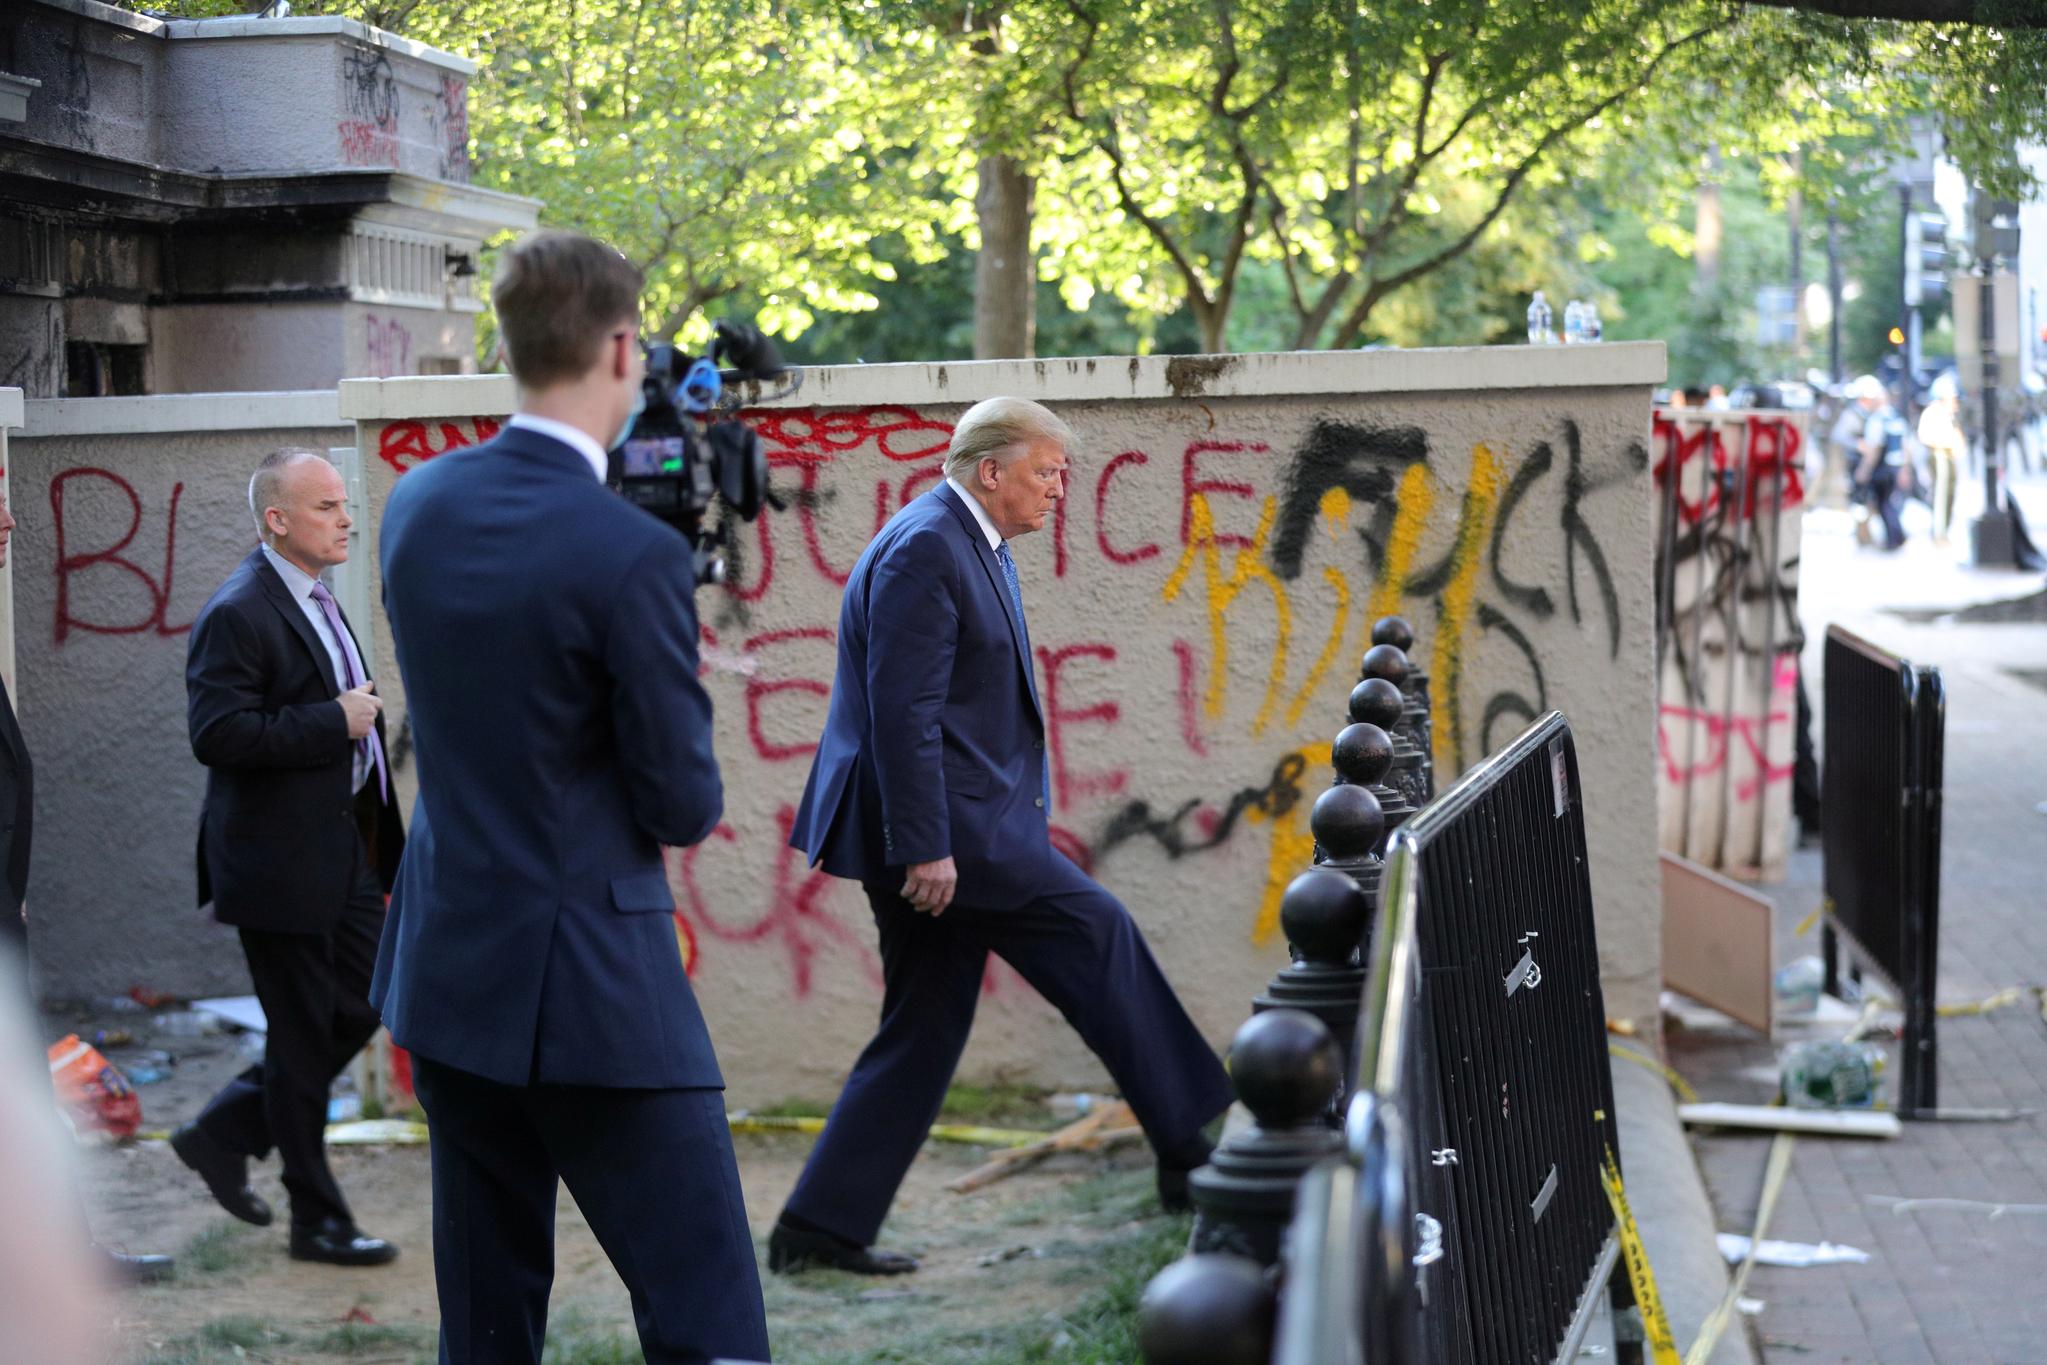 도널드 트럼프 미국 대통령이 1일(현지시간) 백악관 로즈가든에서 기자회견을 마친 뒤 걸어서 인근 세인트존스 교회로 이동하고 있다. [로이터=연합뉴스]